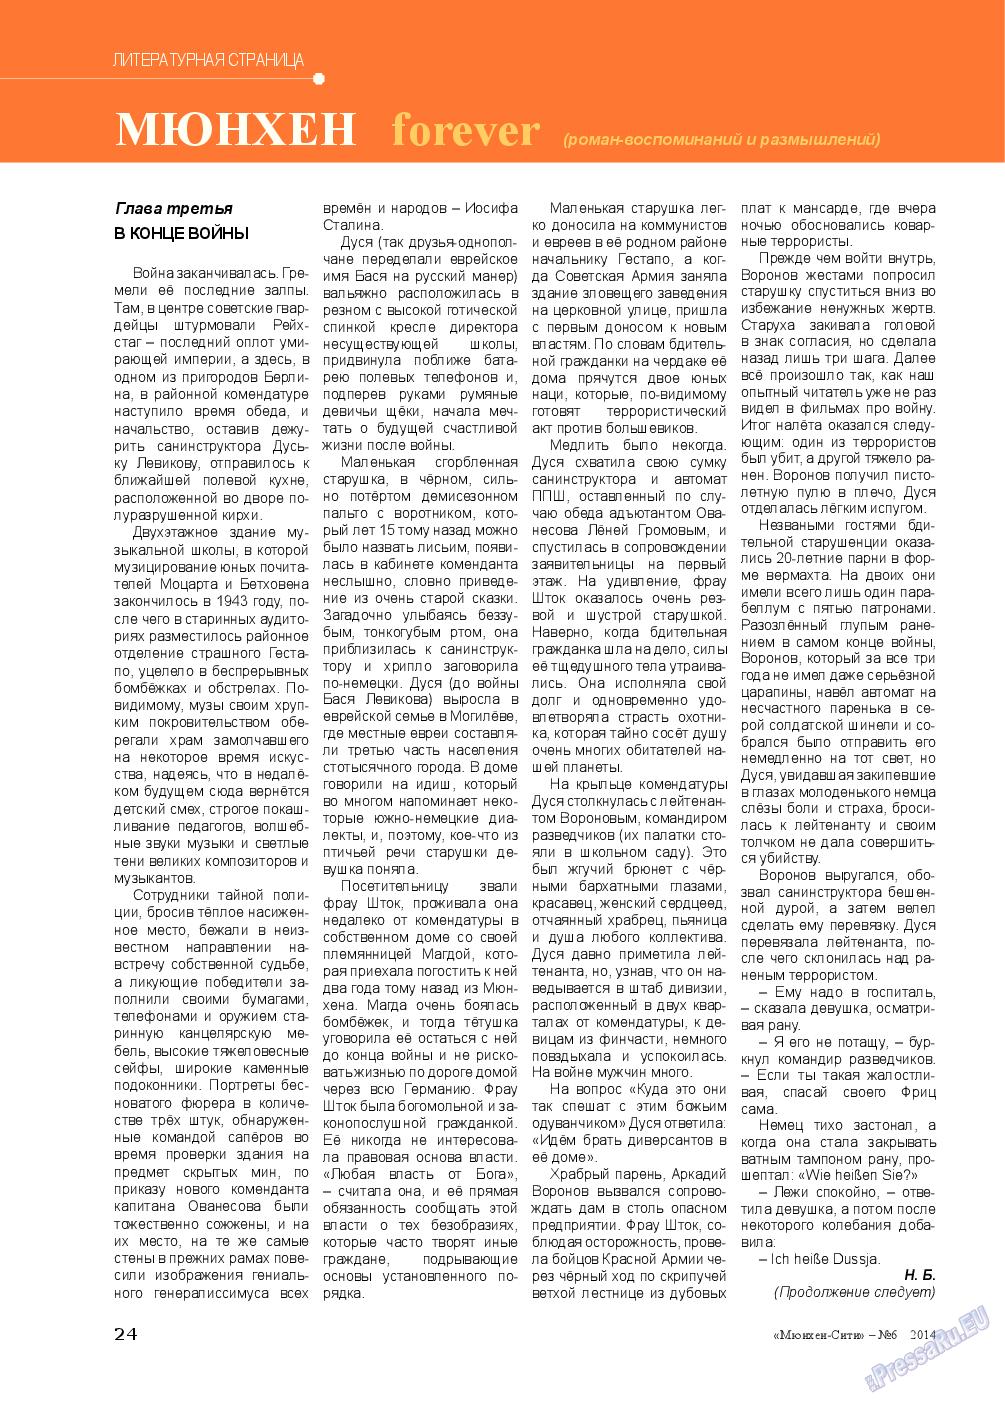 Мюнхен-сити (журнал). 2014 год, номер 6, стр. 24